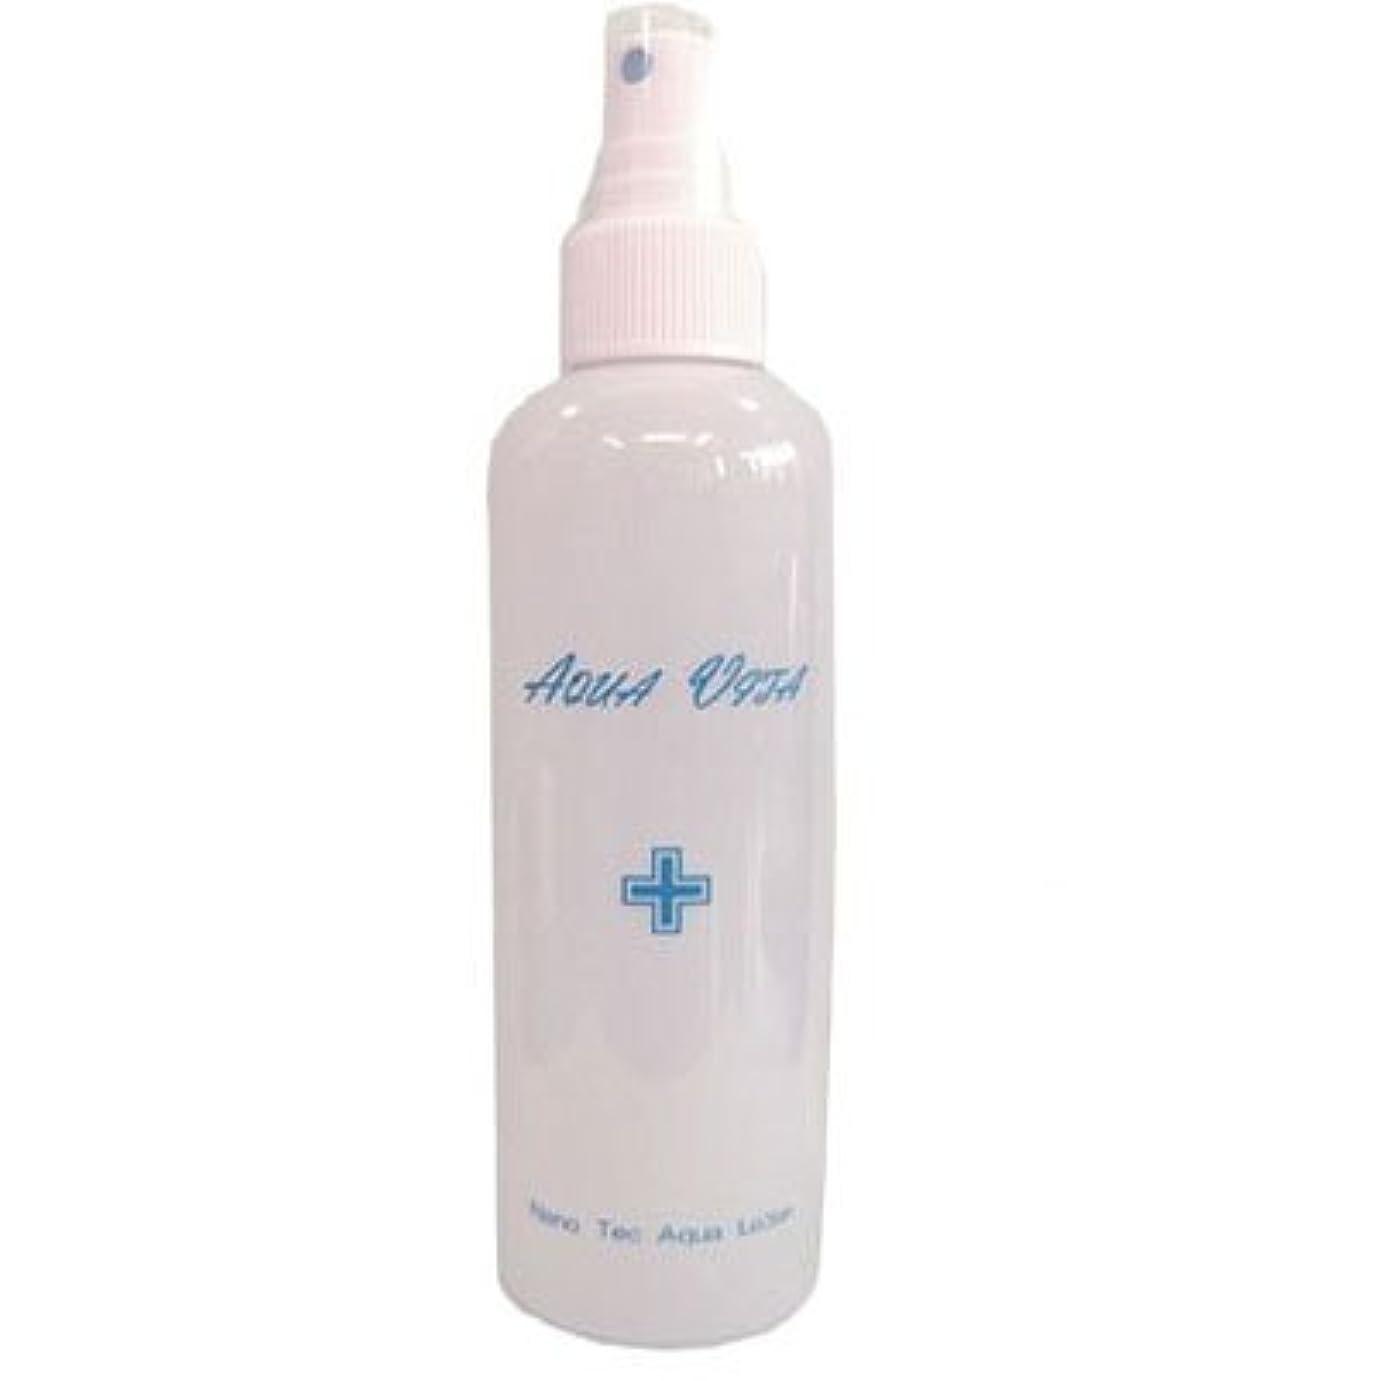 アクアビータスキンケア 超ミネラル水で製造 アクアビータローション 200ml 保湿 無香料 無着色